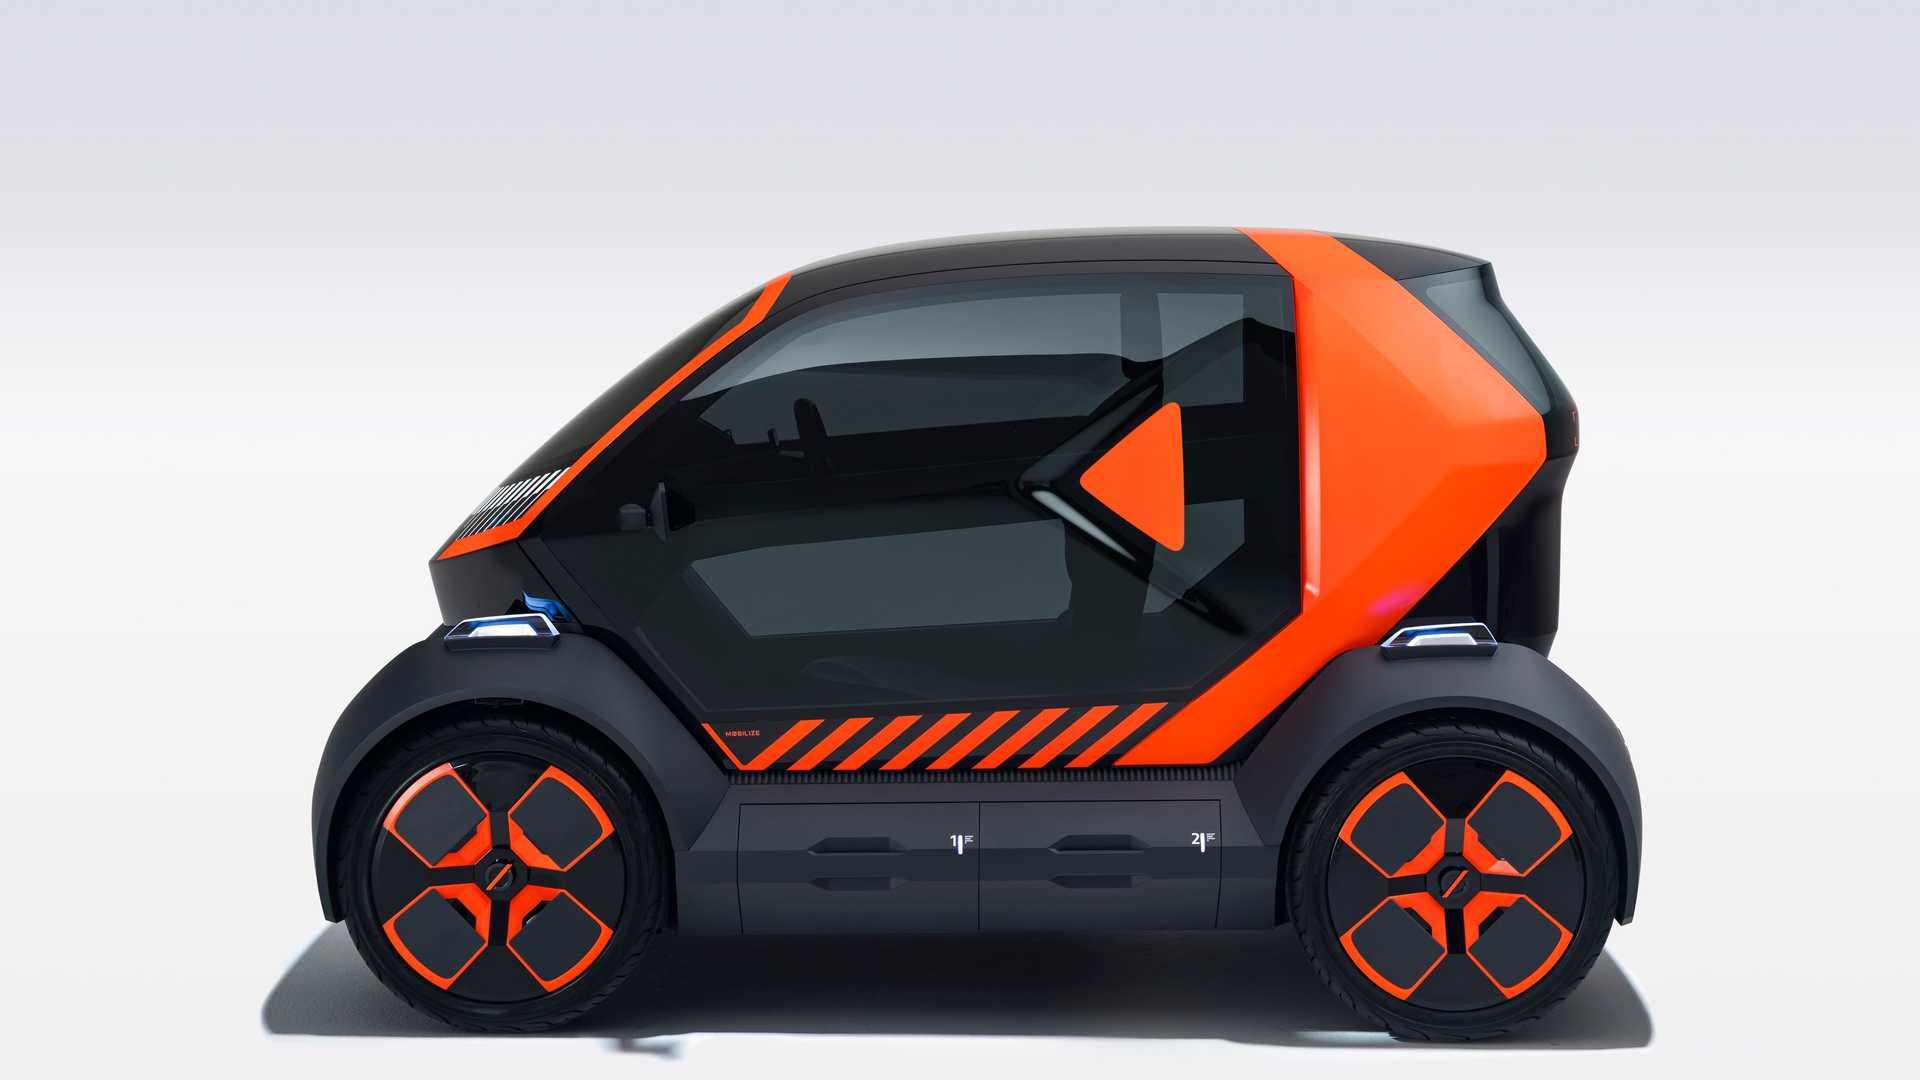 Renault представила электрокар для собственного каршеринга с быстрой сменой батареи